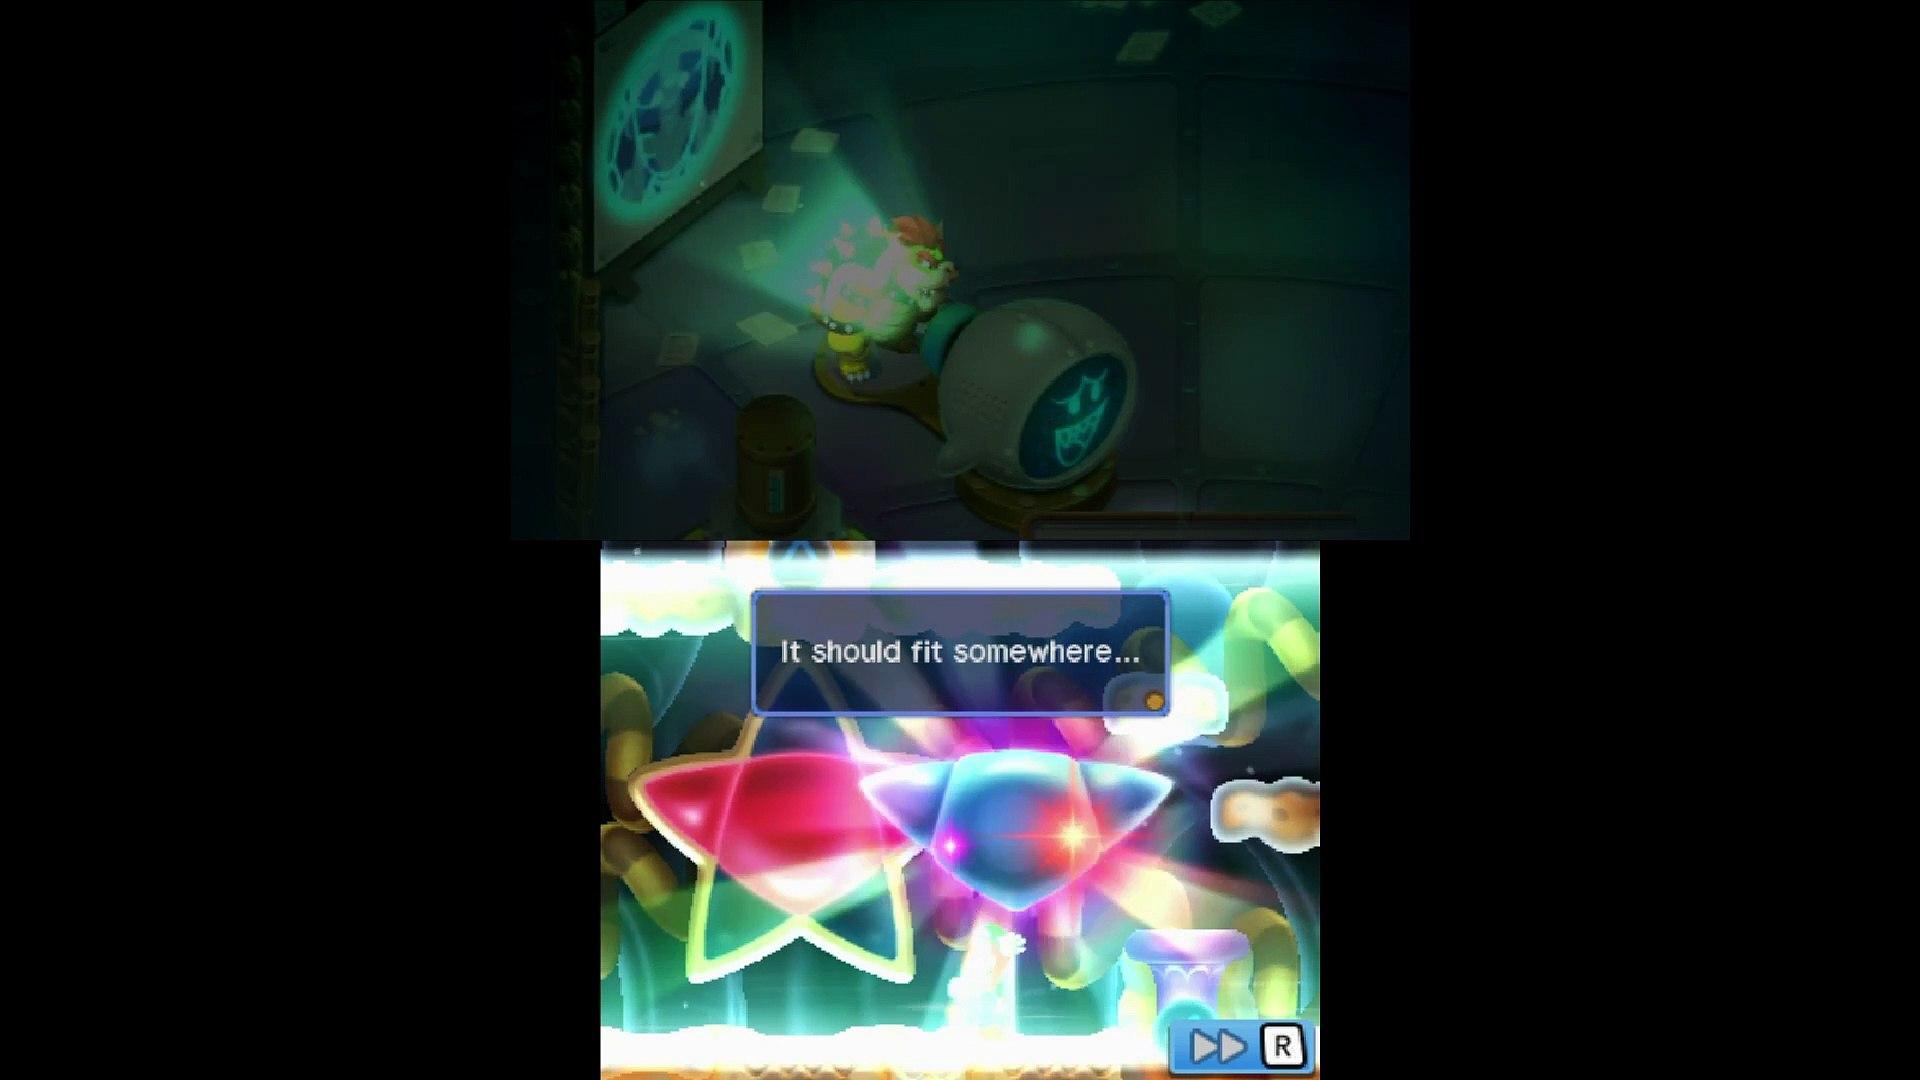 Mario & Luigi Bowser's Inside Story #22 — Звезда Странной Формы {3DS} прохождение часть 22